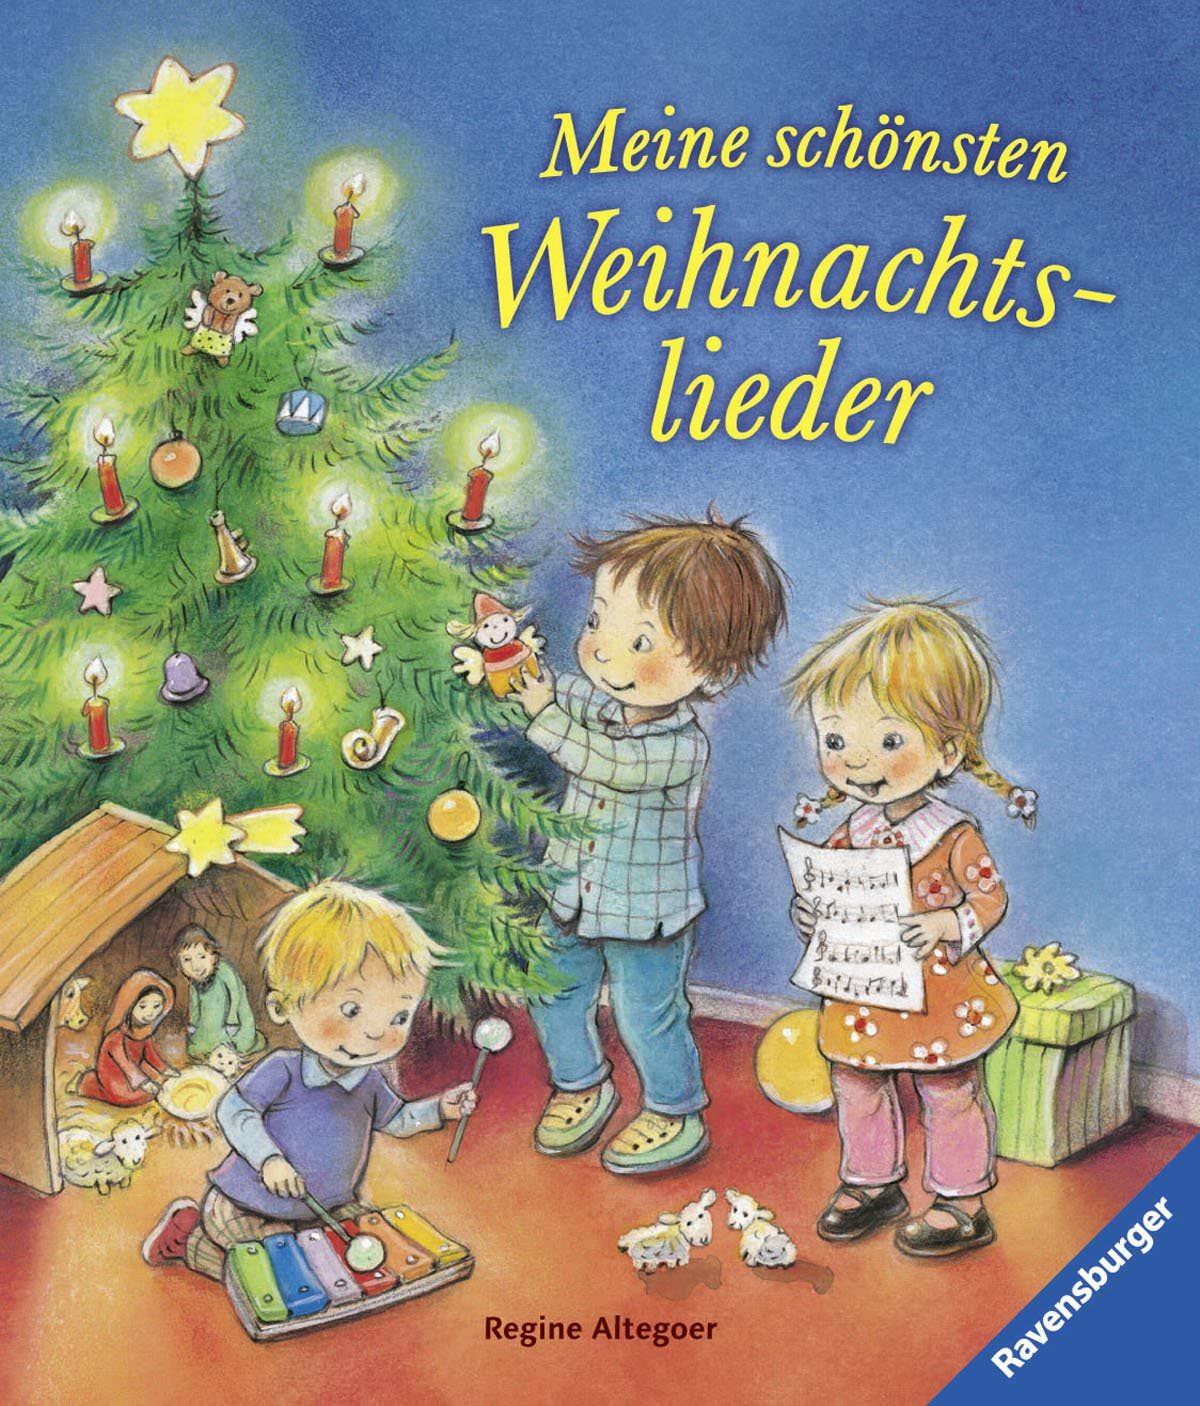 meine sch nsten weihnachtslieder nestling